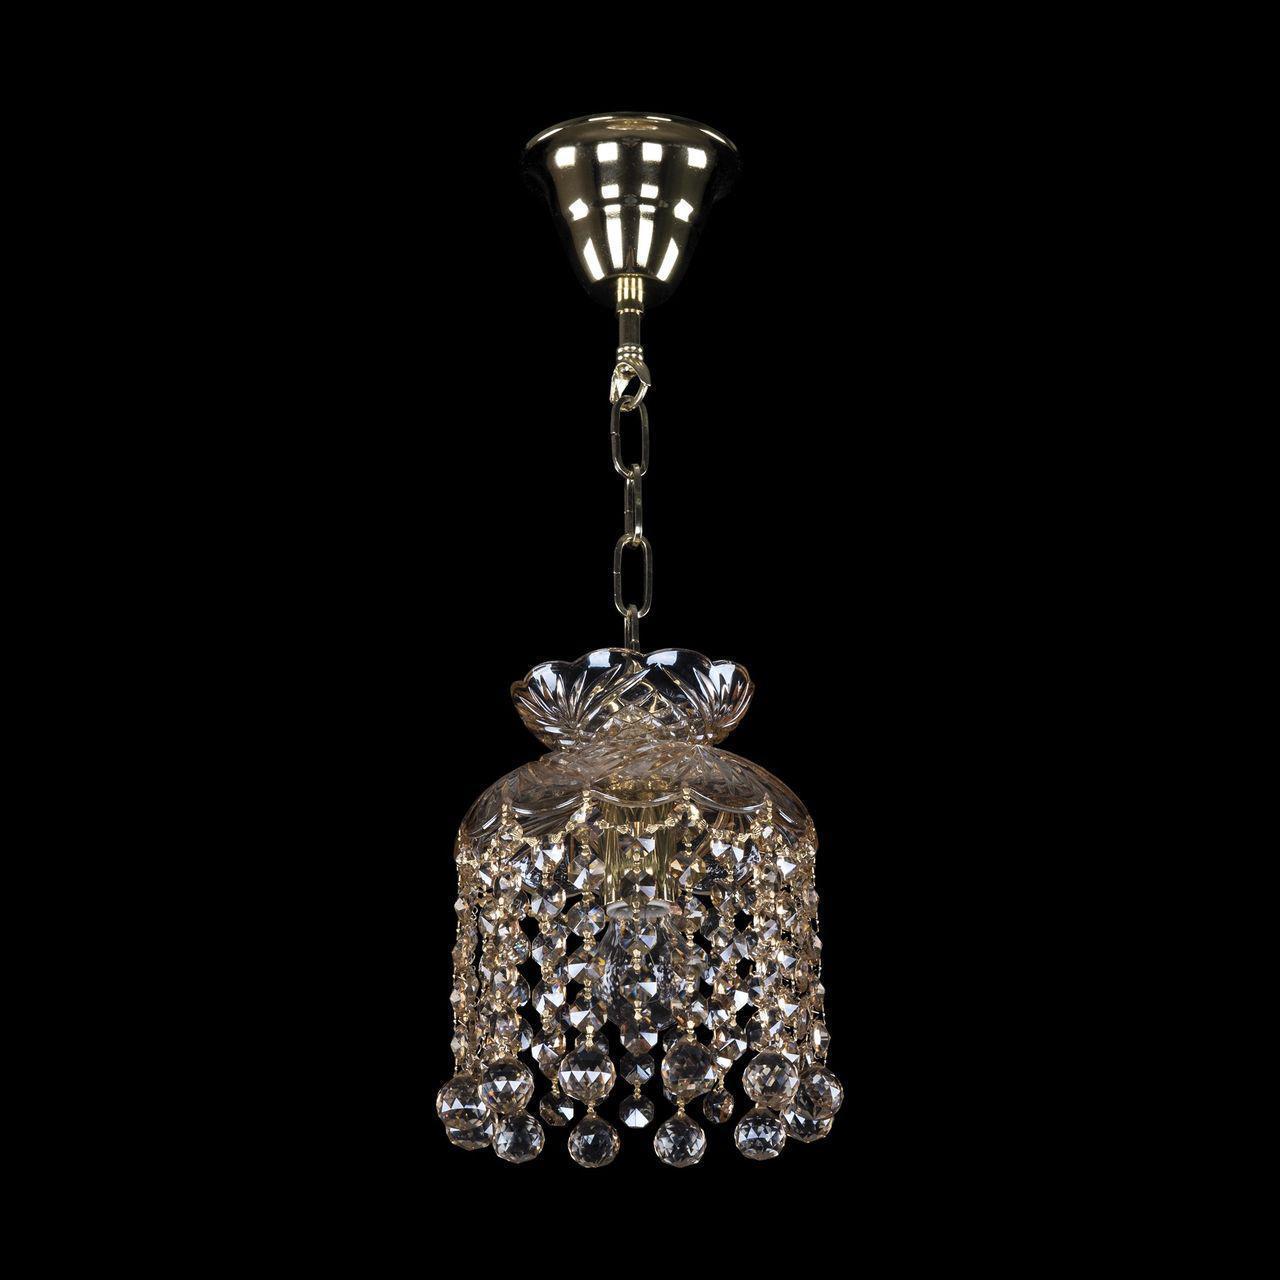 Подвесной светильник Bohemia Ivele 14781/15 G Balls M721